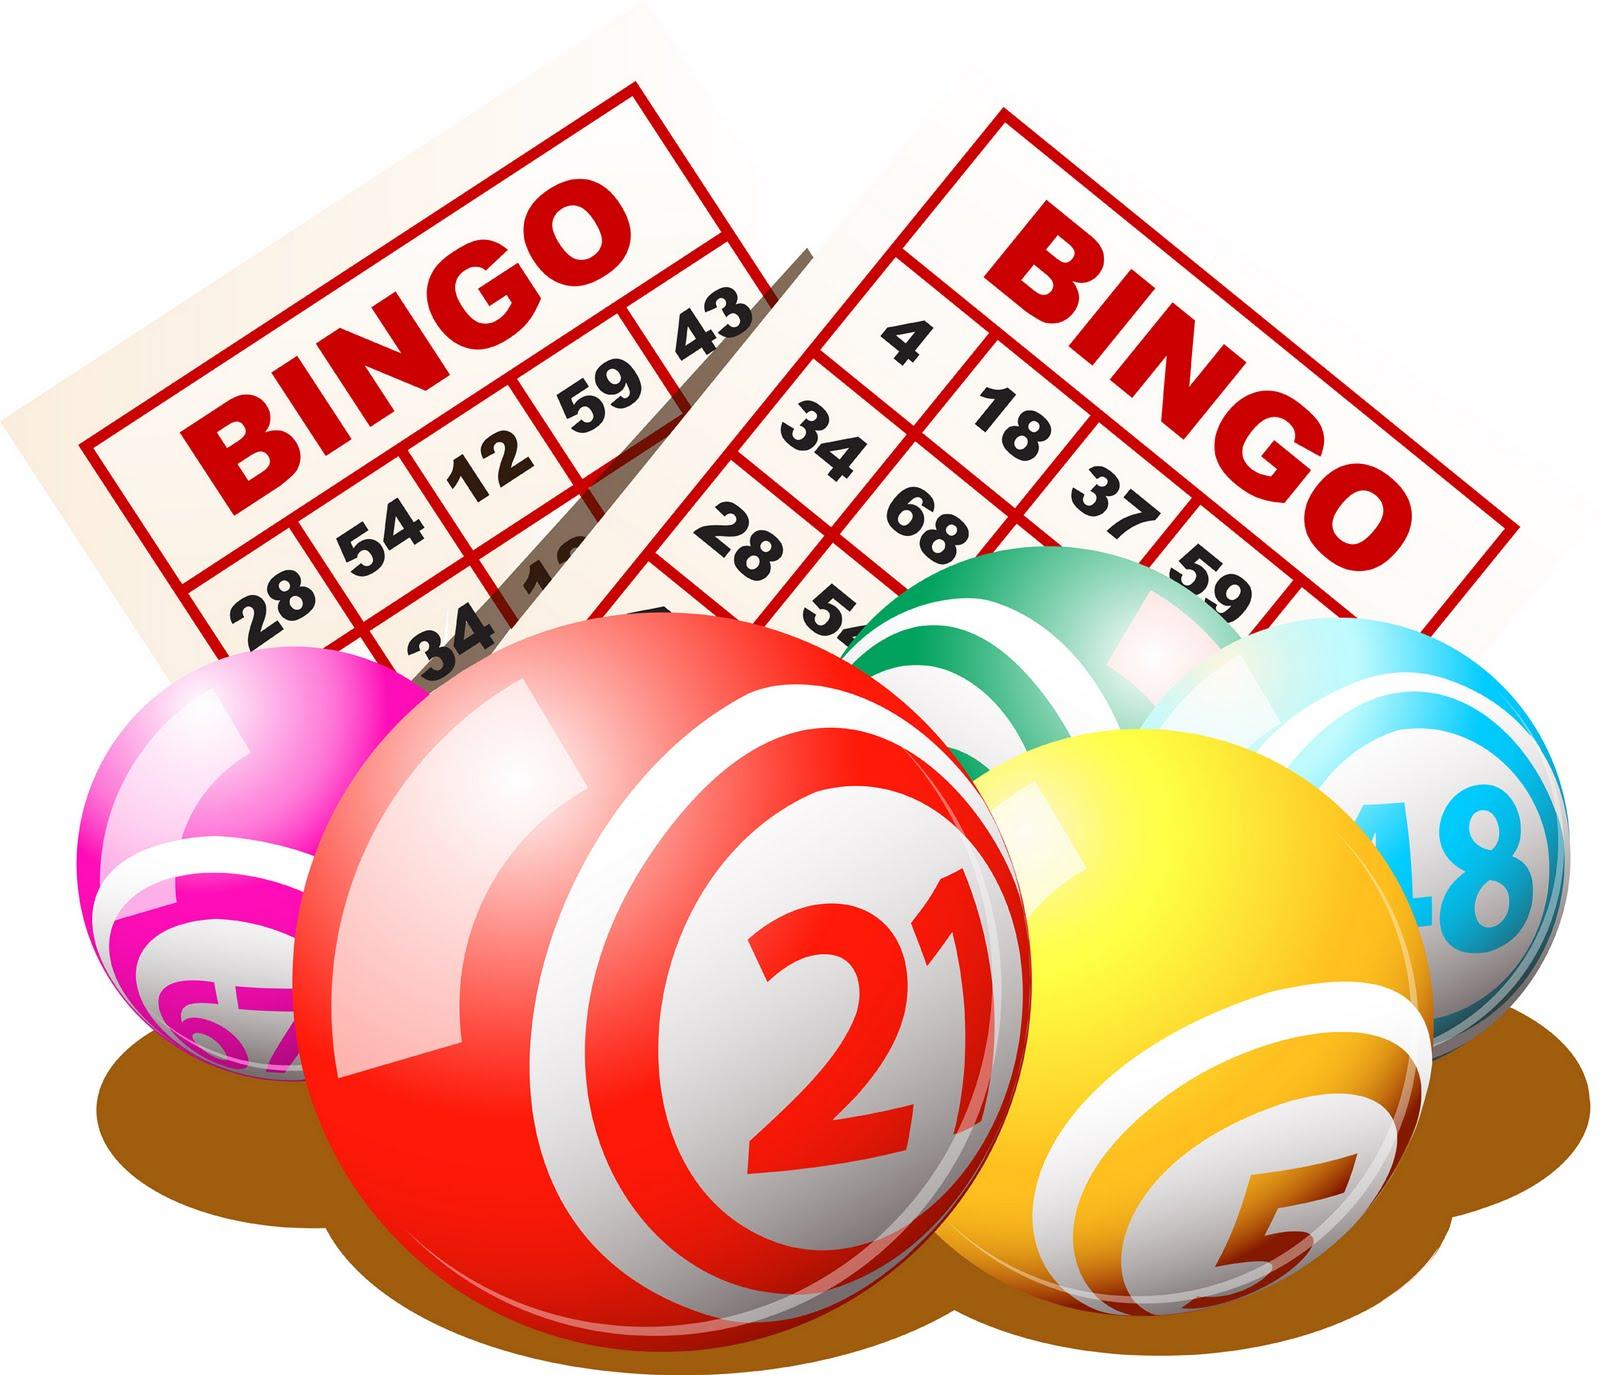 Wild vegas casino no deposit bonus 2018